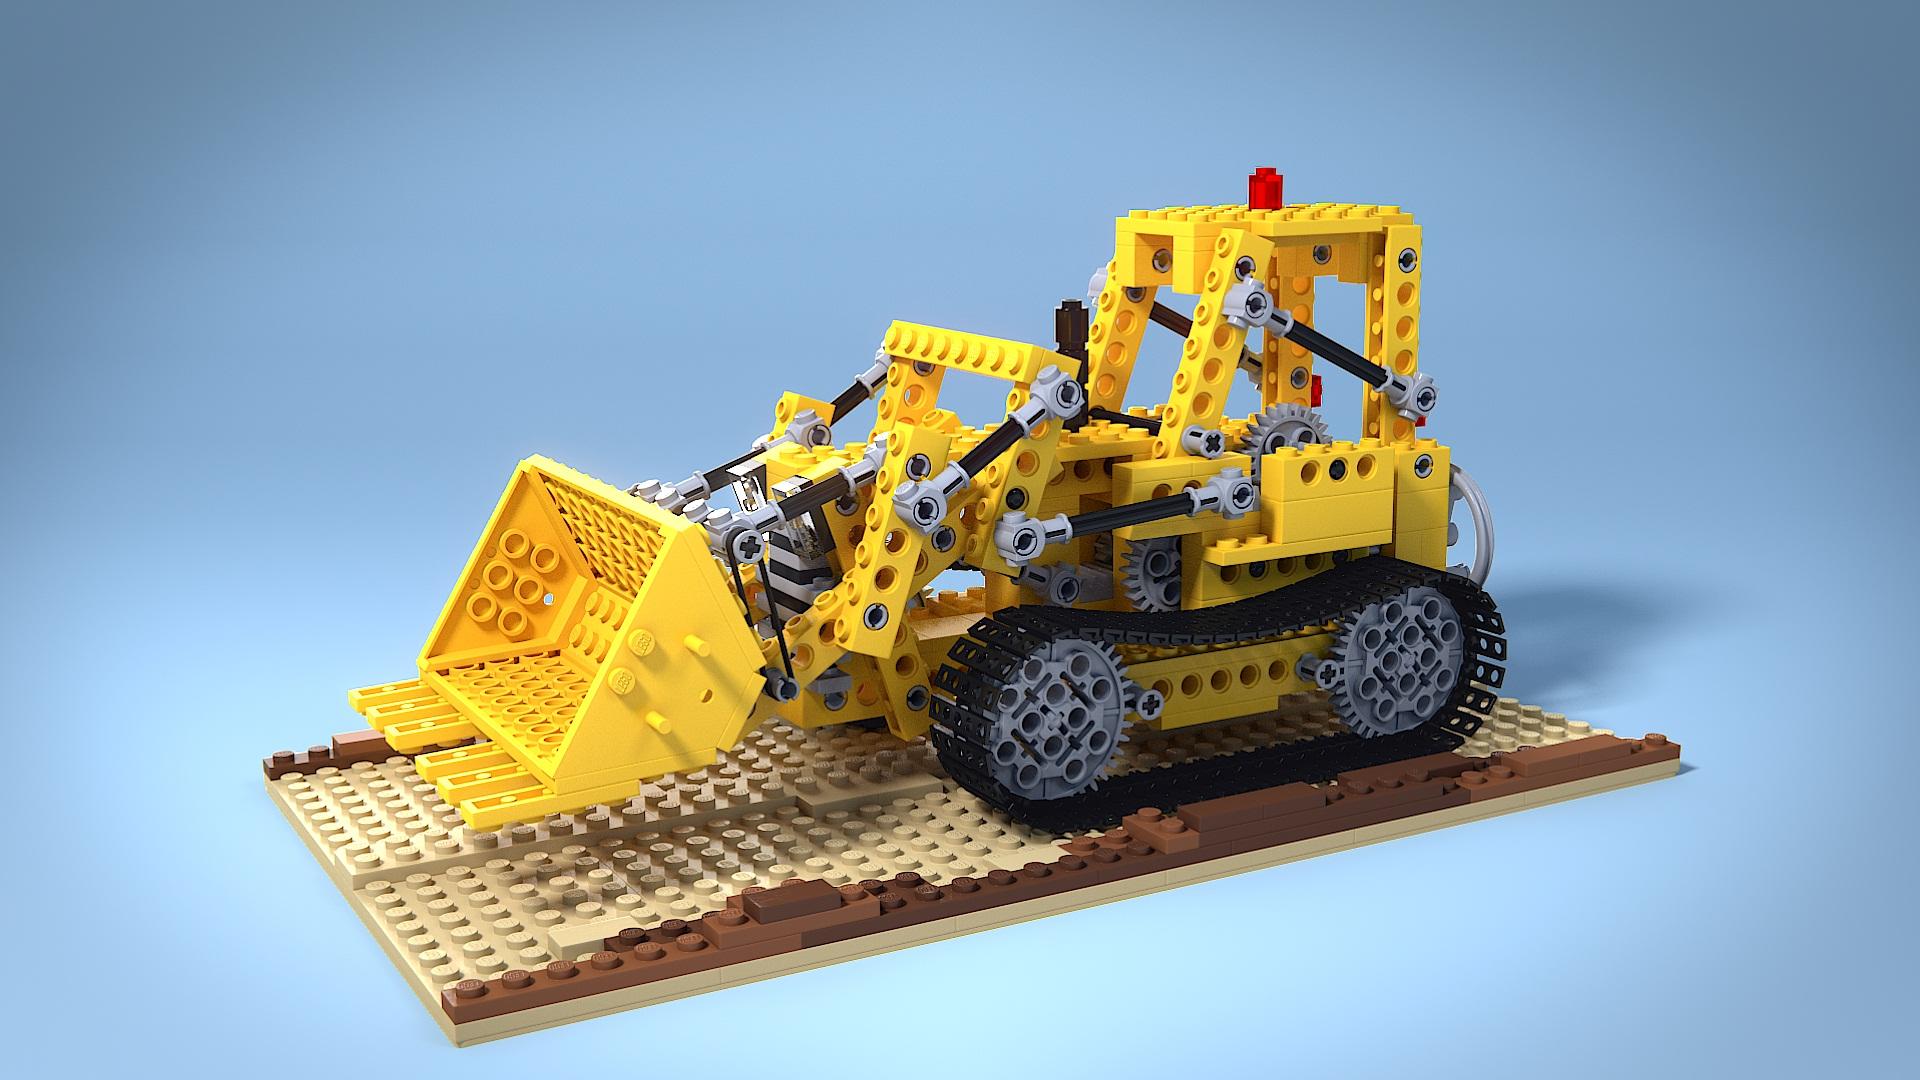 Model Download: Lego 856 Bulldozer - BlenderNation